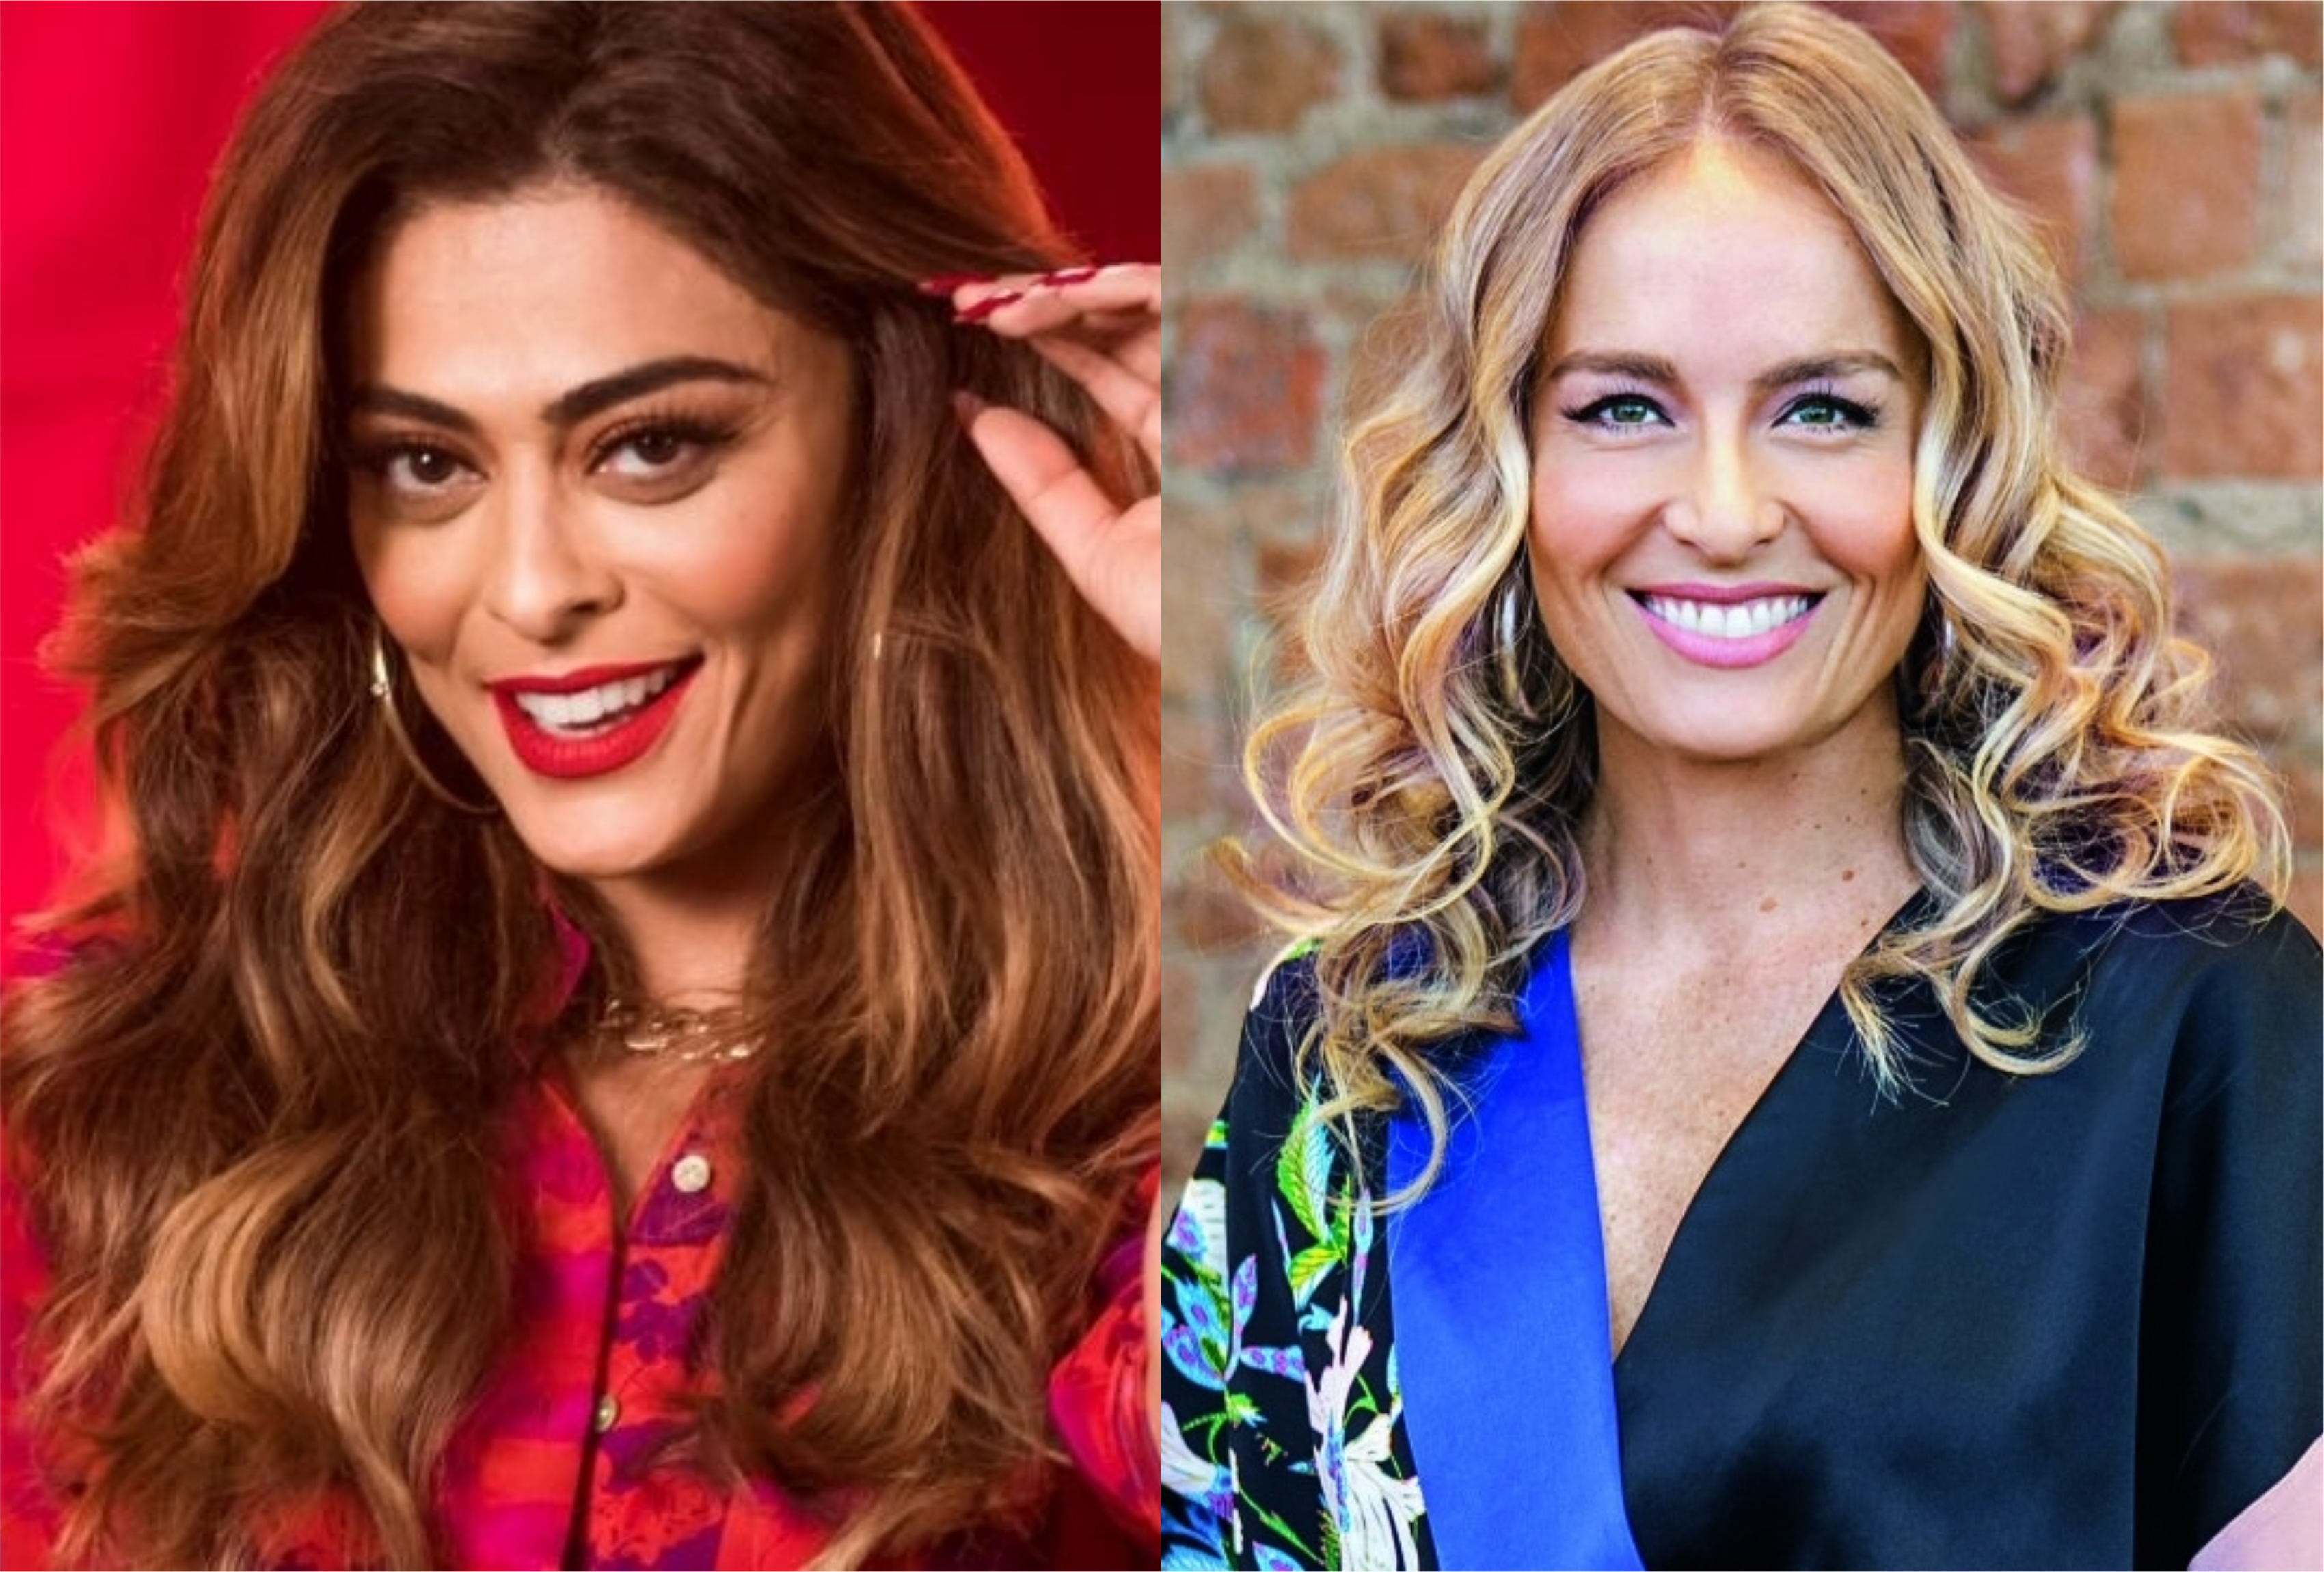 Juliana Paes e Angélica vão contracenar juntas em A Dona do Pedaço (Montagem: TV Foco)